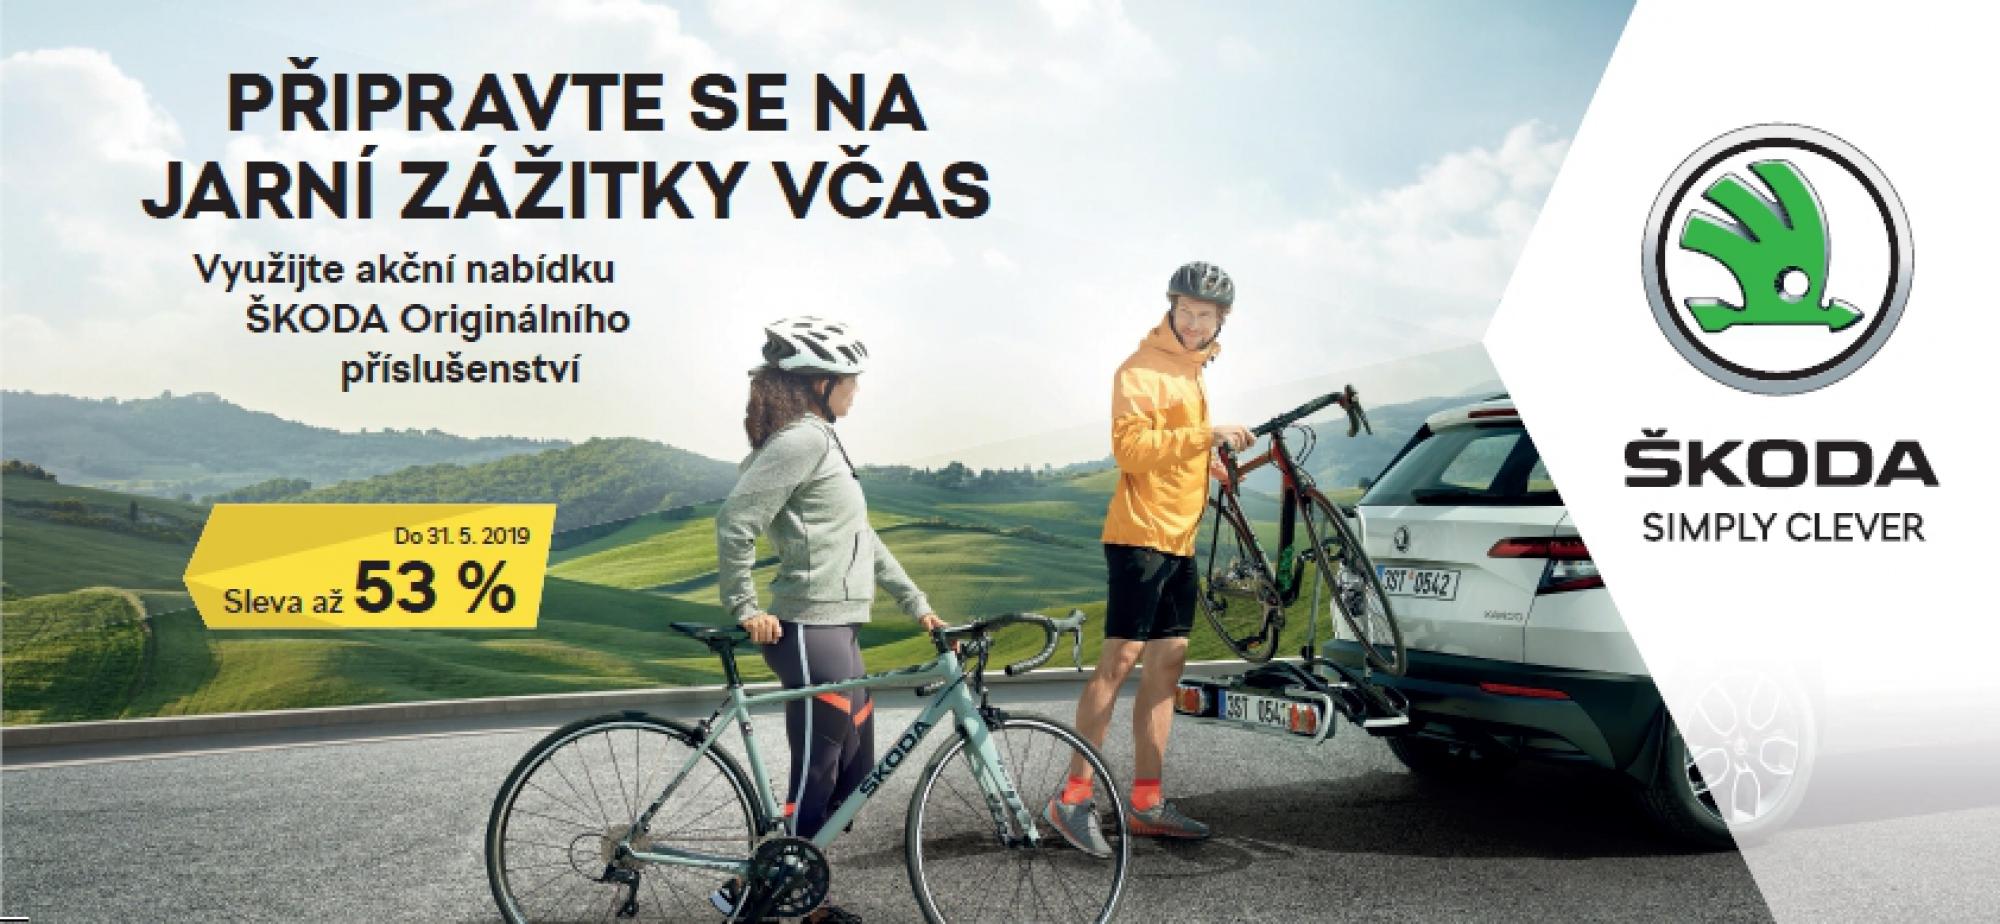 0d40b616e246 Jarní servisní akce Škoda - Autocentrum Přerov CZ s.r.o. ...